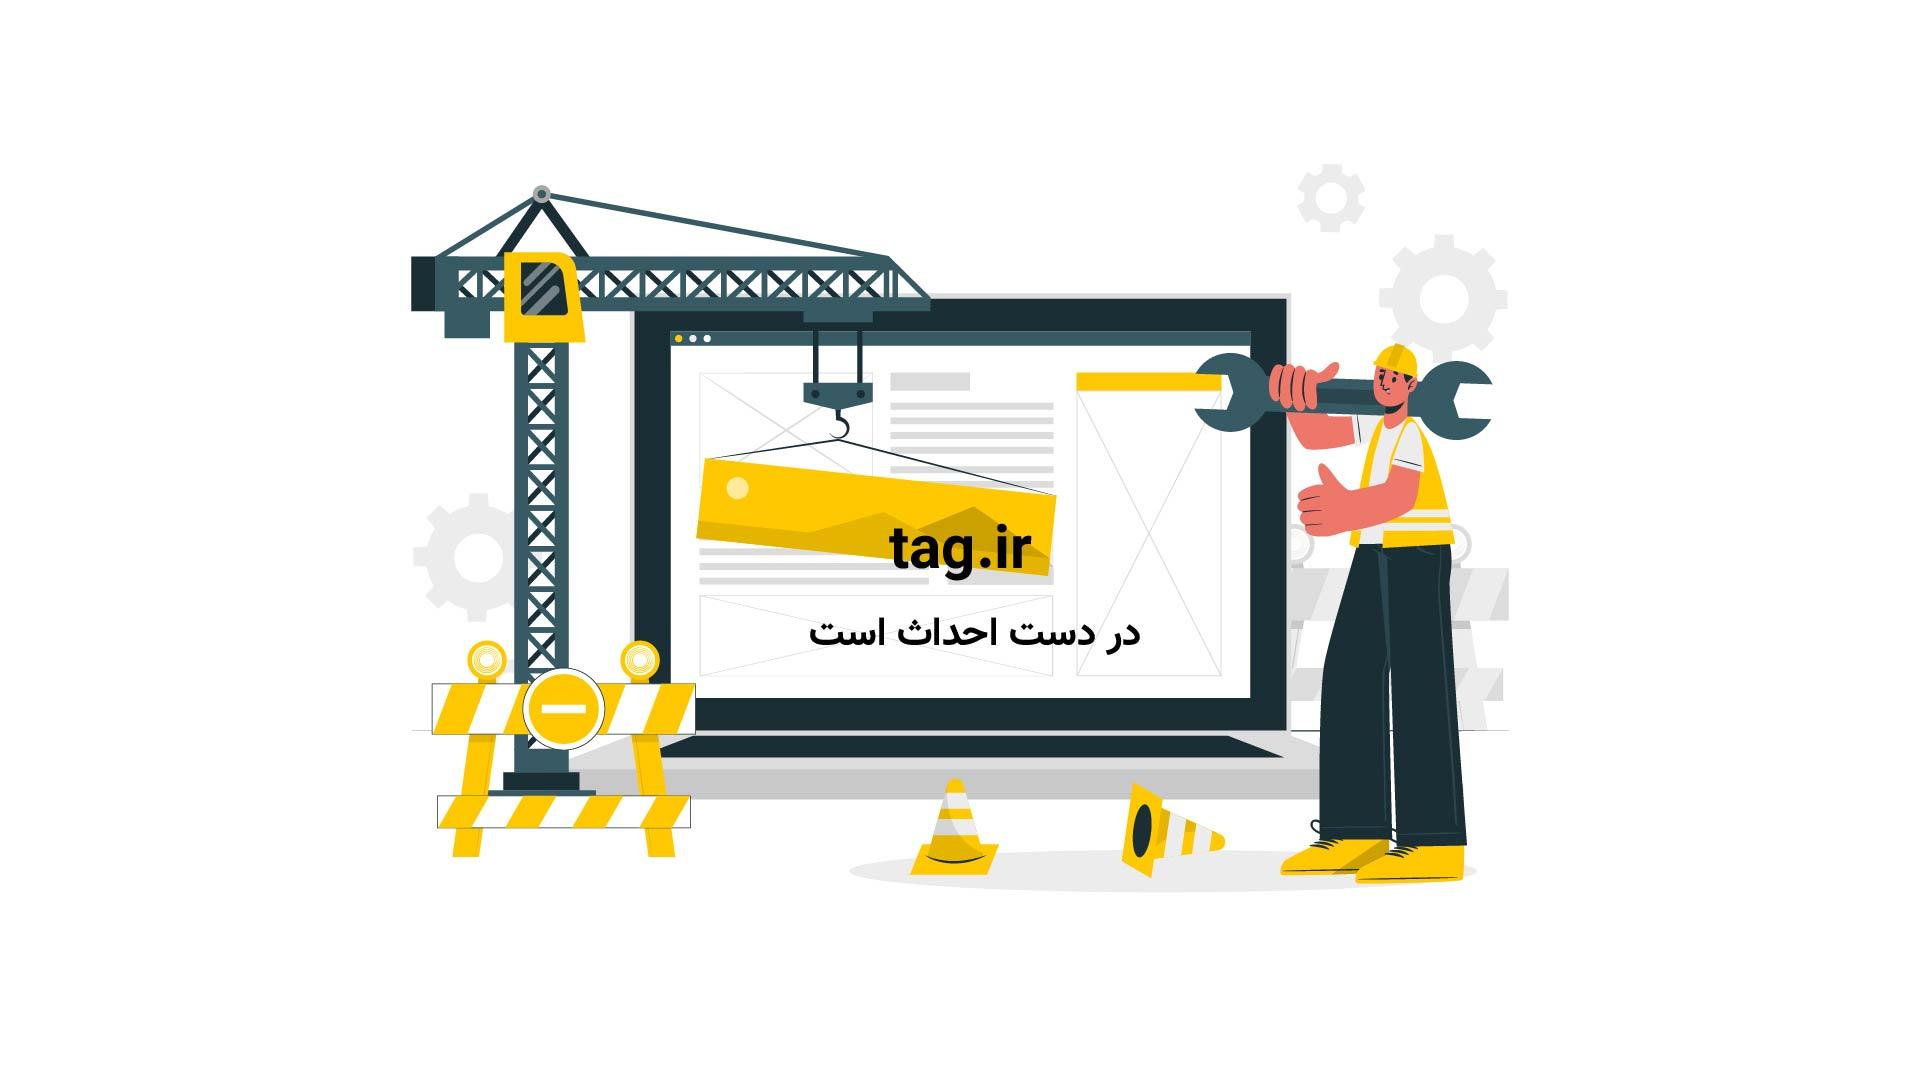 سخنرانیهای تد؛ لباسهای خوش دوخت و زیبایی که داستانی را روایت میکنند | فیلم